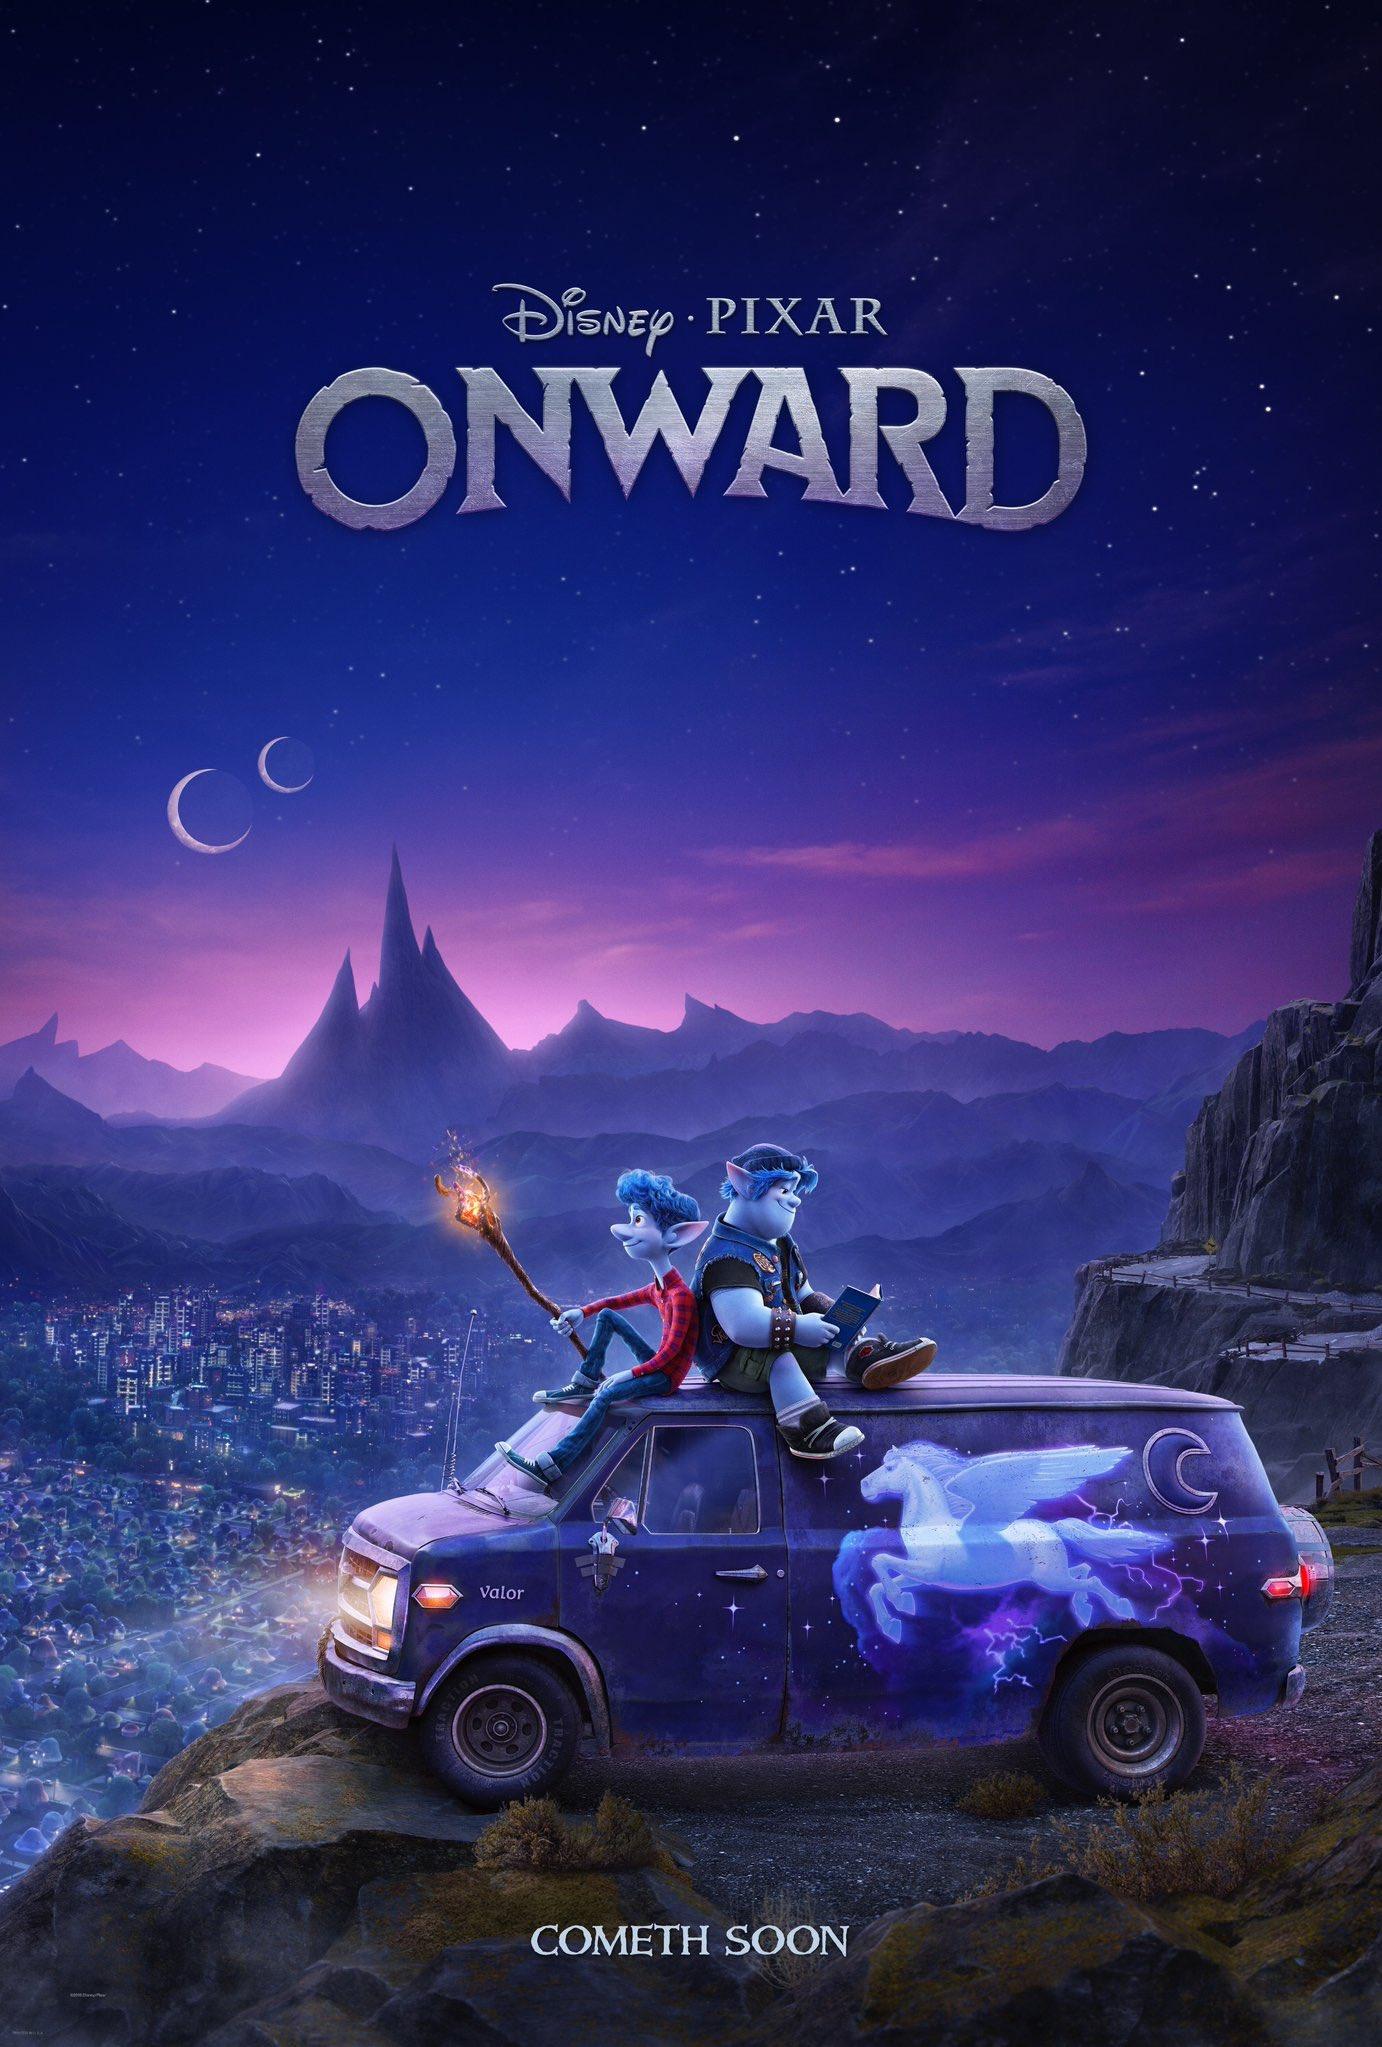 En Avant [Pixar - 2020] - Page 2 D70rQcBVUAIzL1m